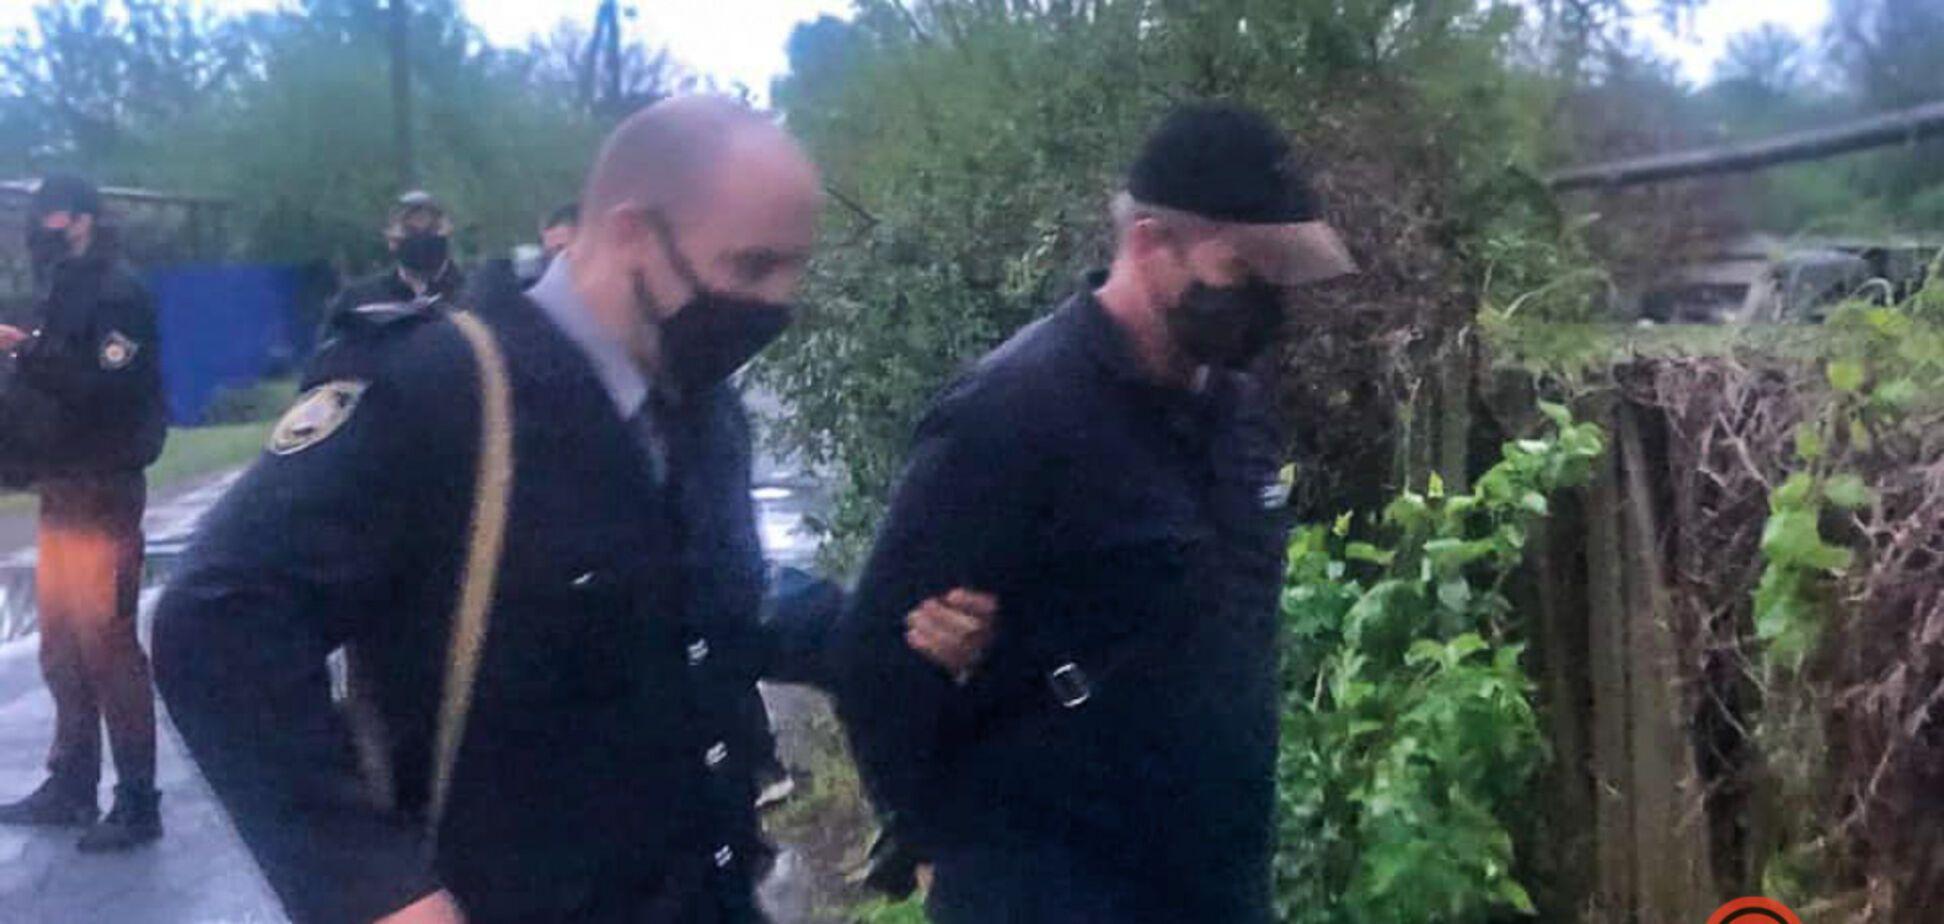 Під Дніпром чоловік повісив цуценя біля свого будинку: його затримала поліція. Фото